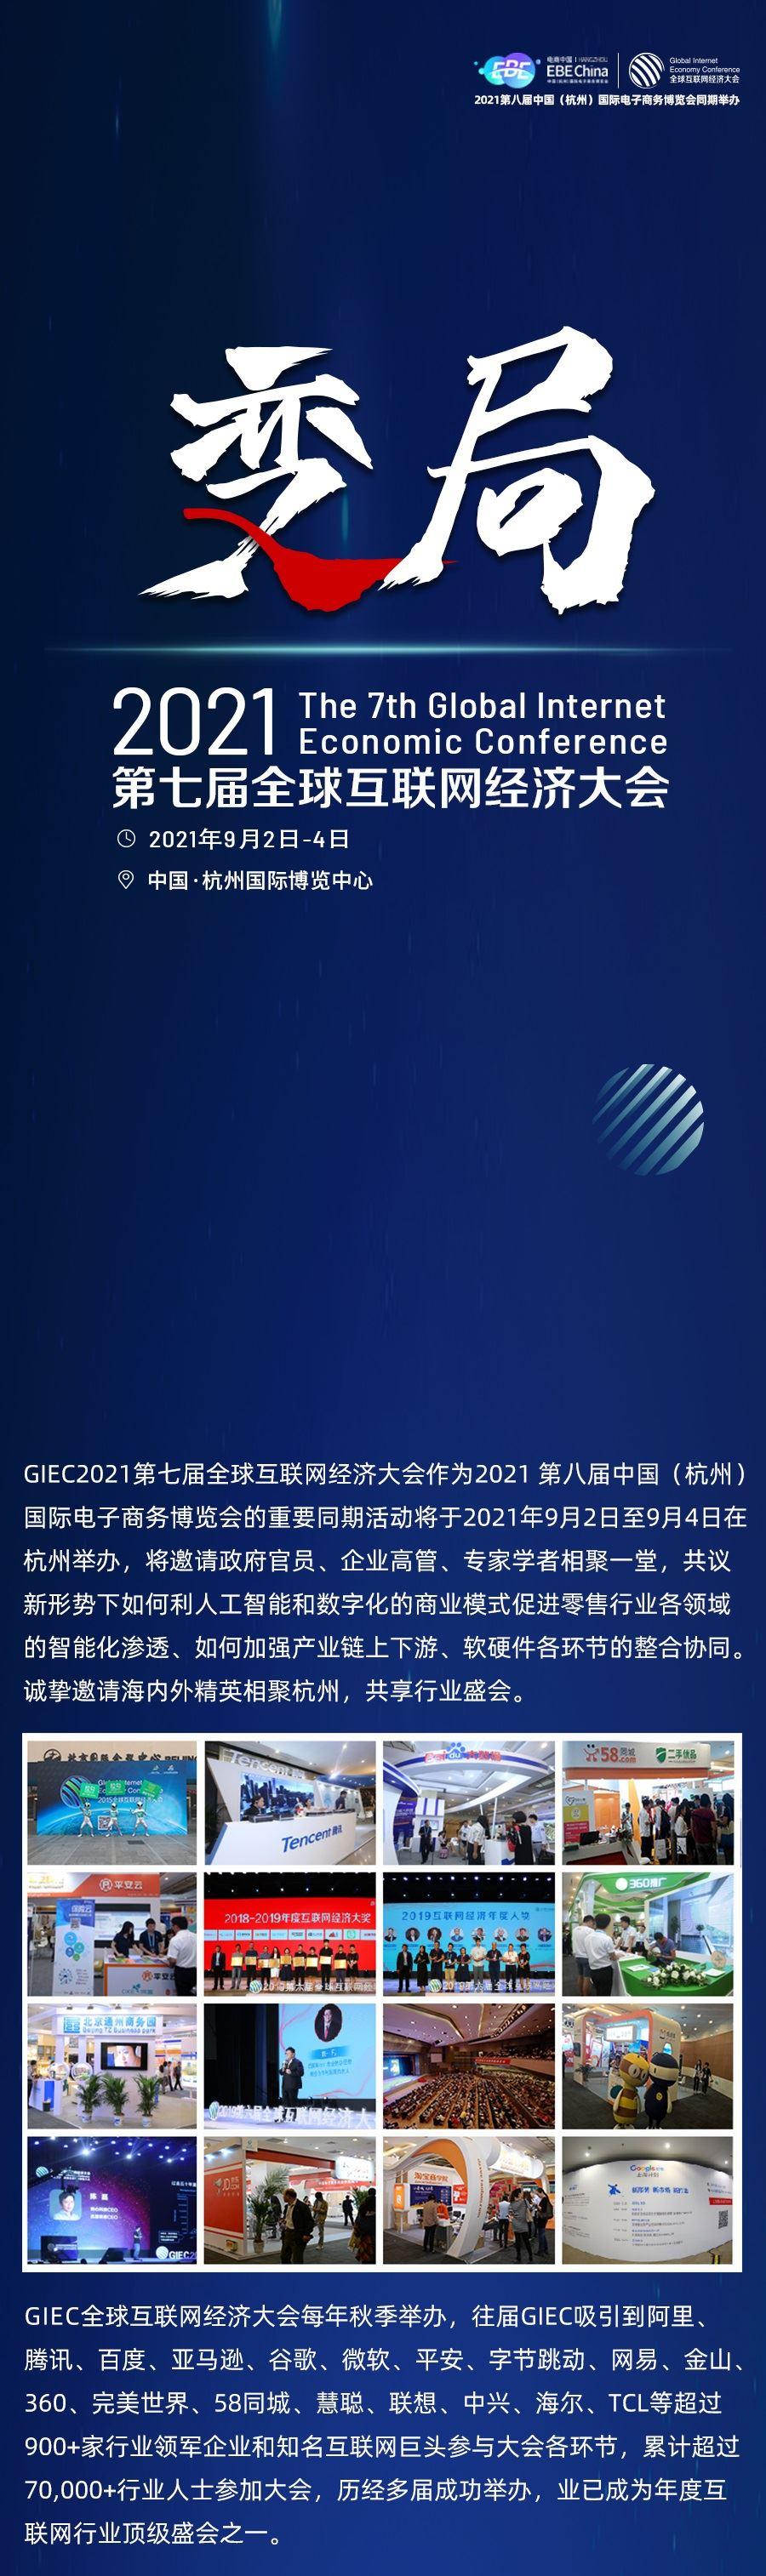 2021第七届全球互联网经济大会1.jpg